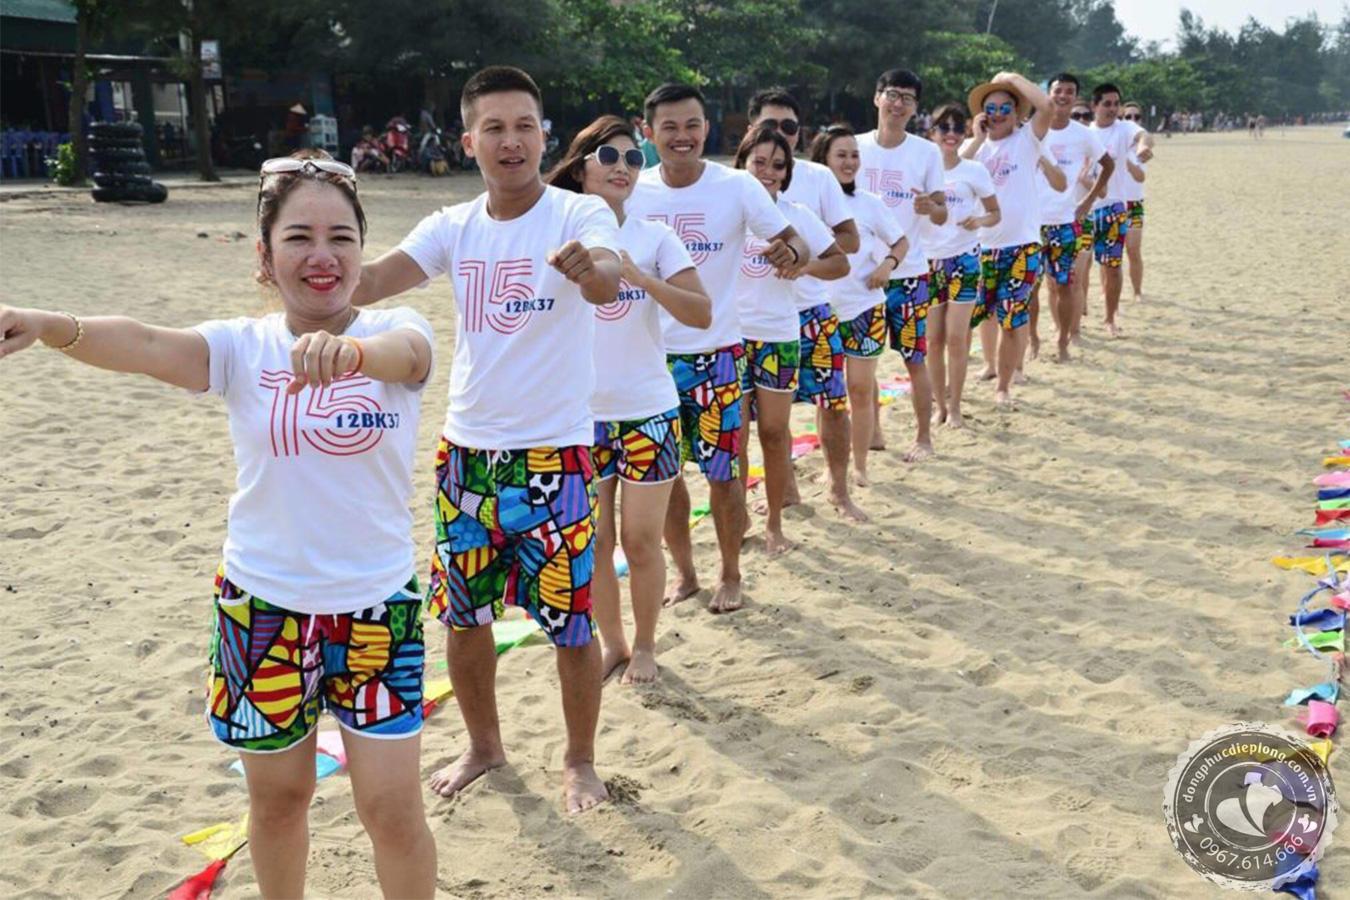 nhung-luu-y-chon-dong-phuc-du-lich-noi-bat-truoc-dam-dong-ban-can-biet